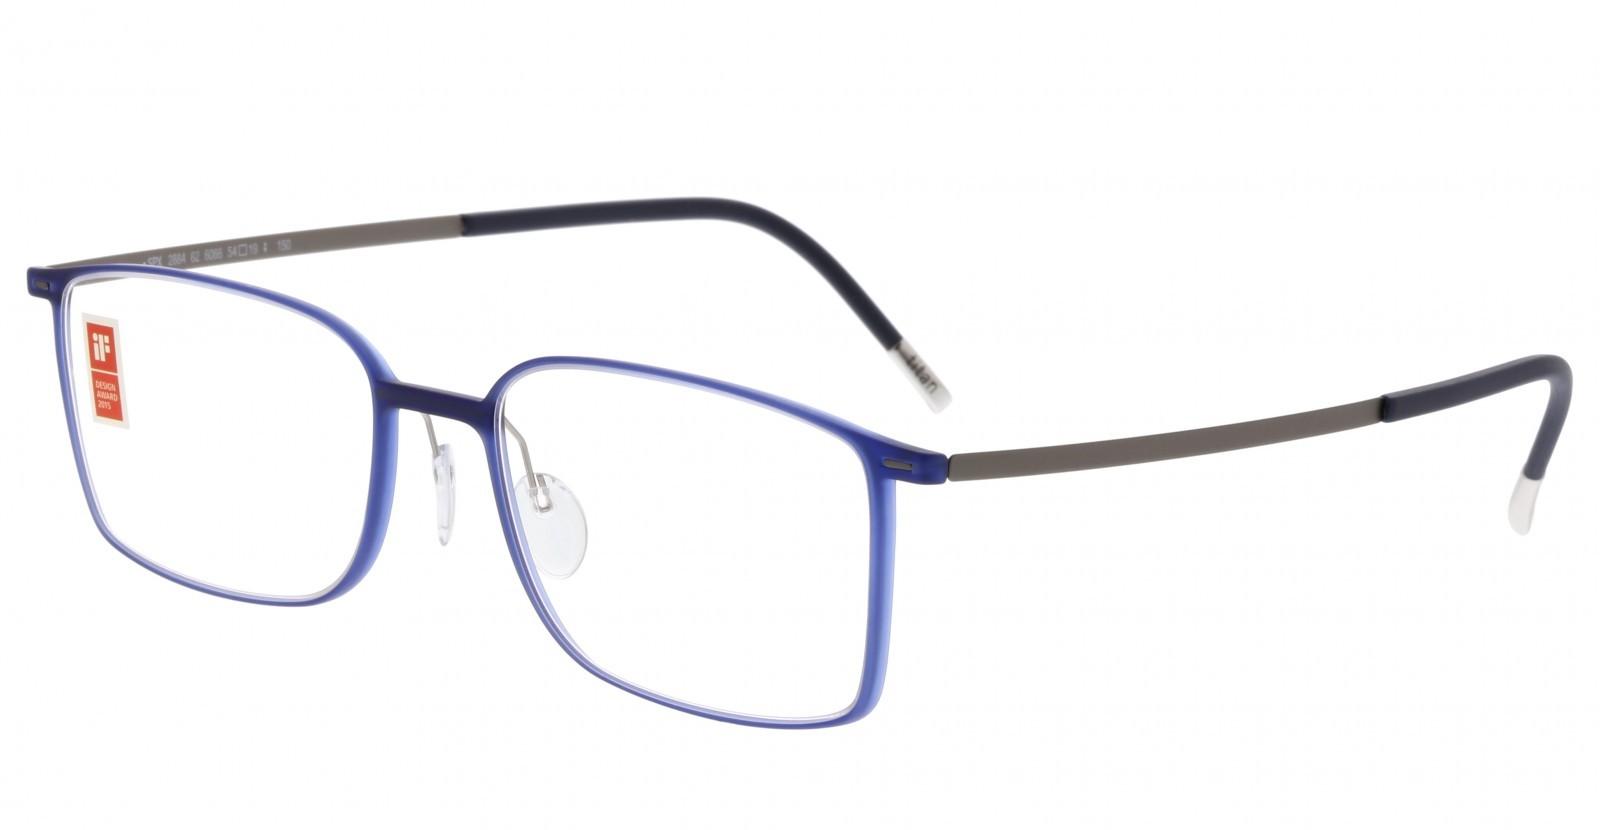 d90a2a638 SILHOUETTE 02884 6066 TAM 54- Oculos de Grau